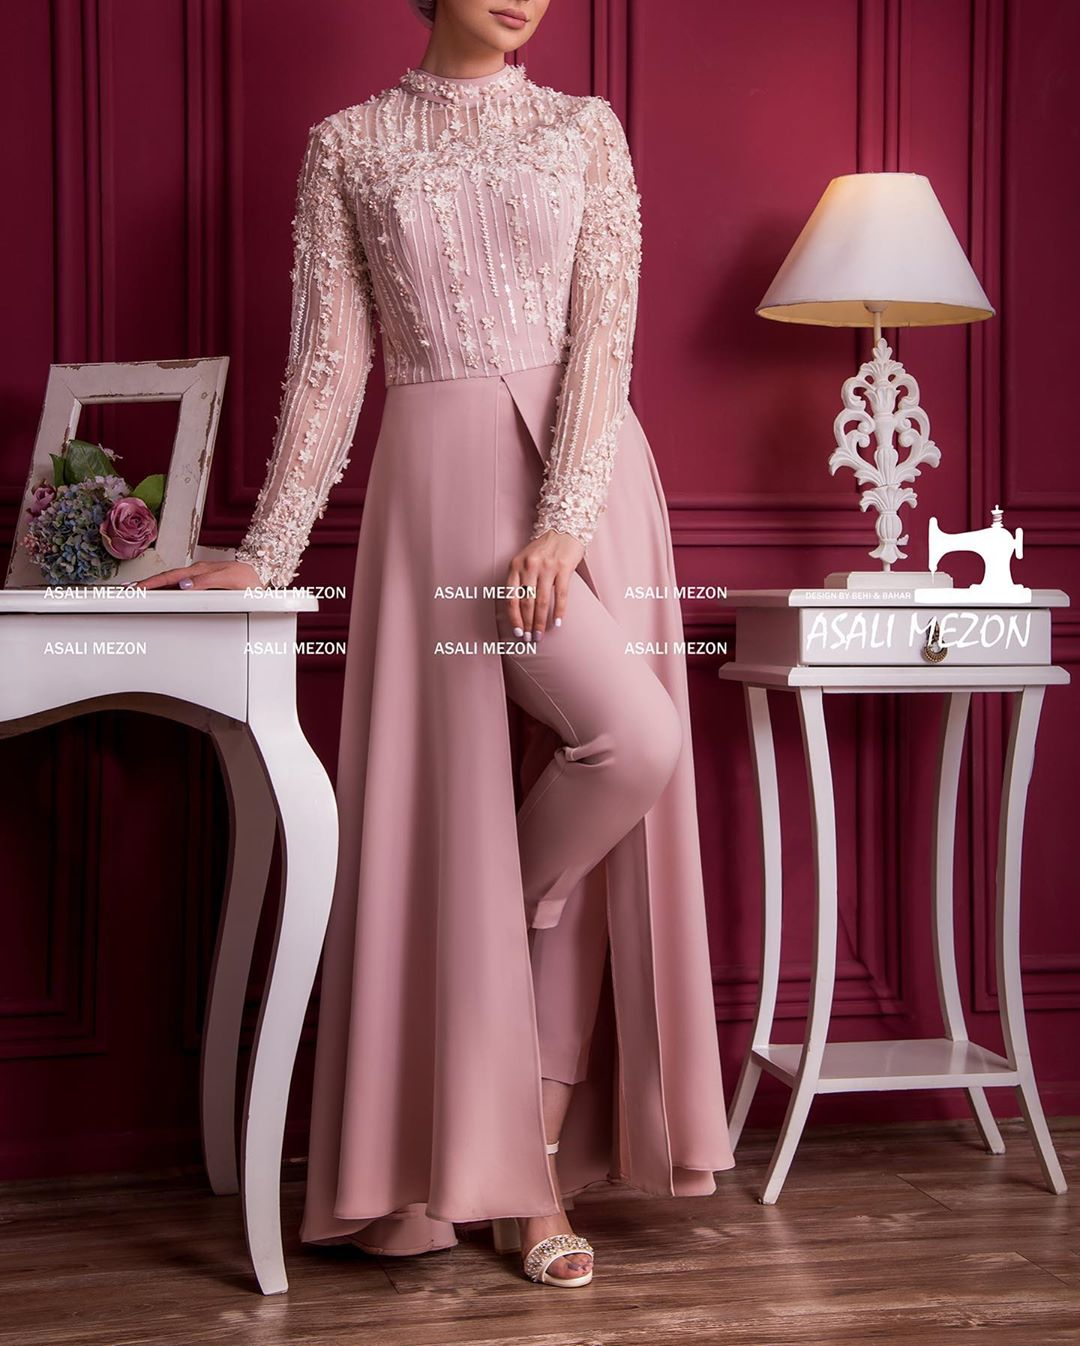 مدل لباس مراسم مجلسی زنانه